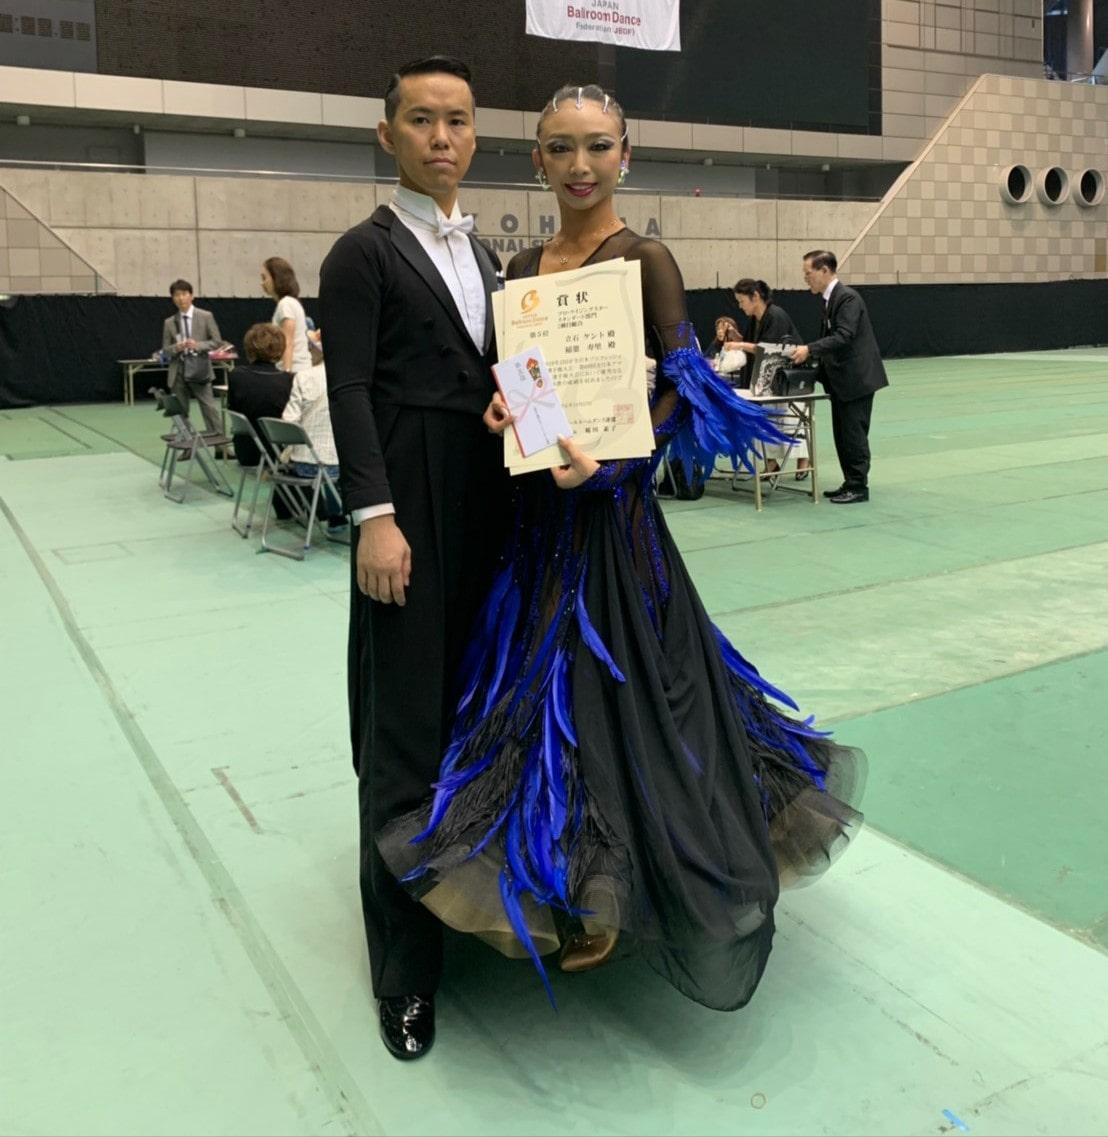 2019年|JBDF|全日本プロフェッショナルダンス選手権大会